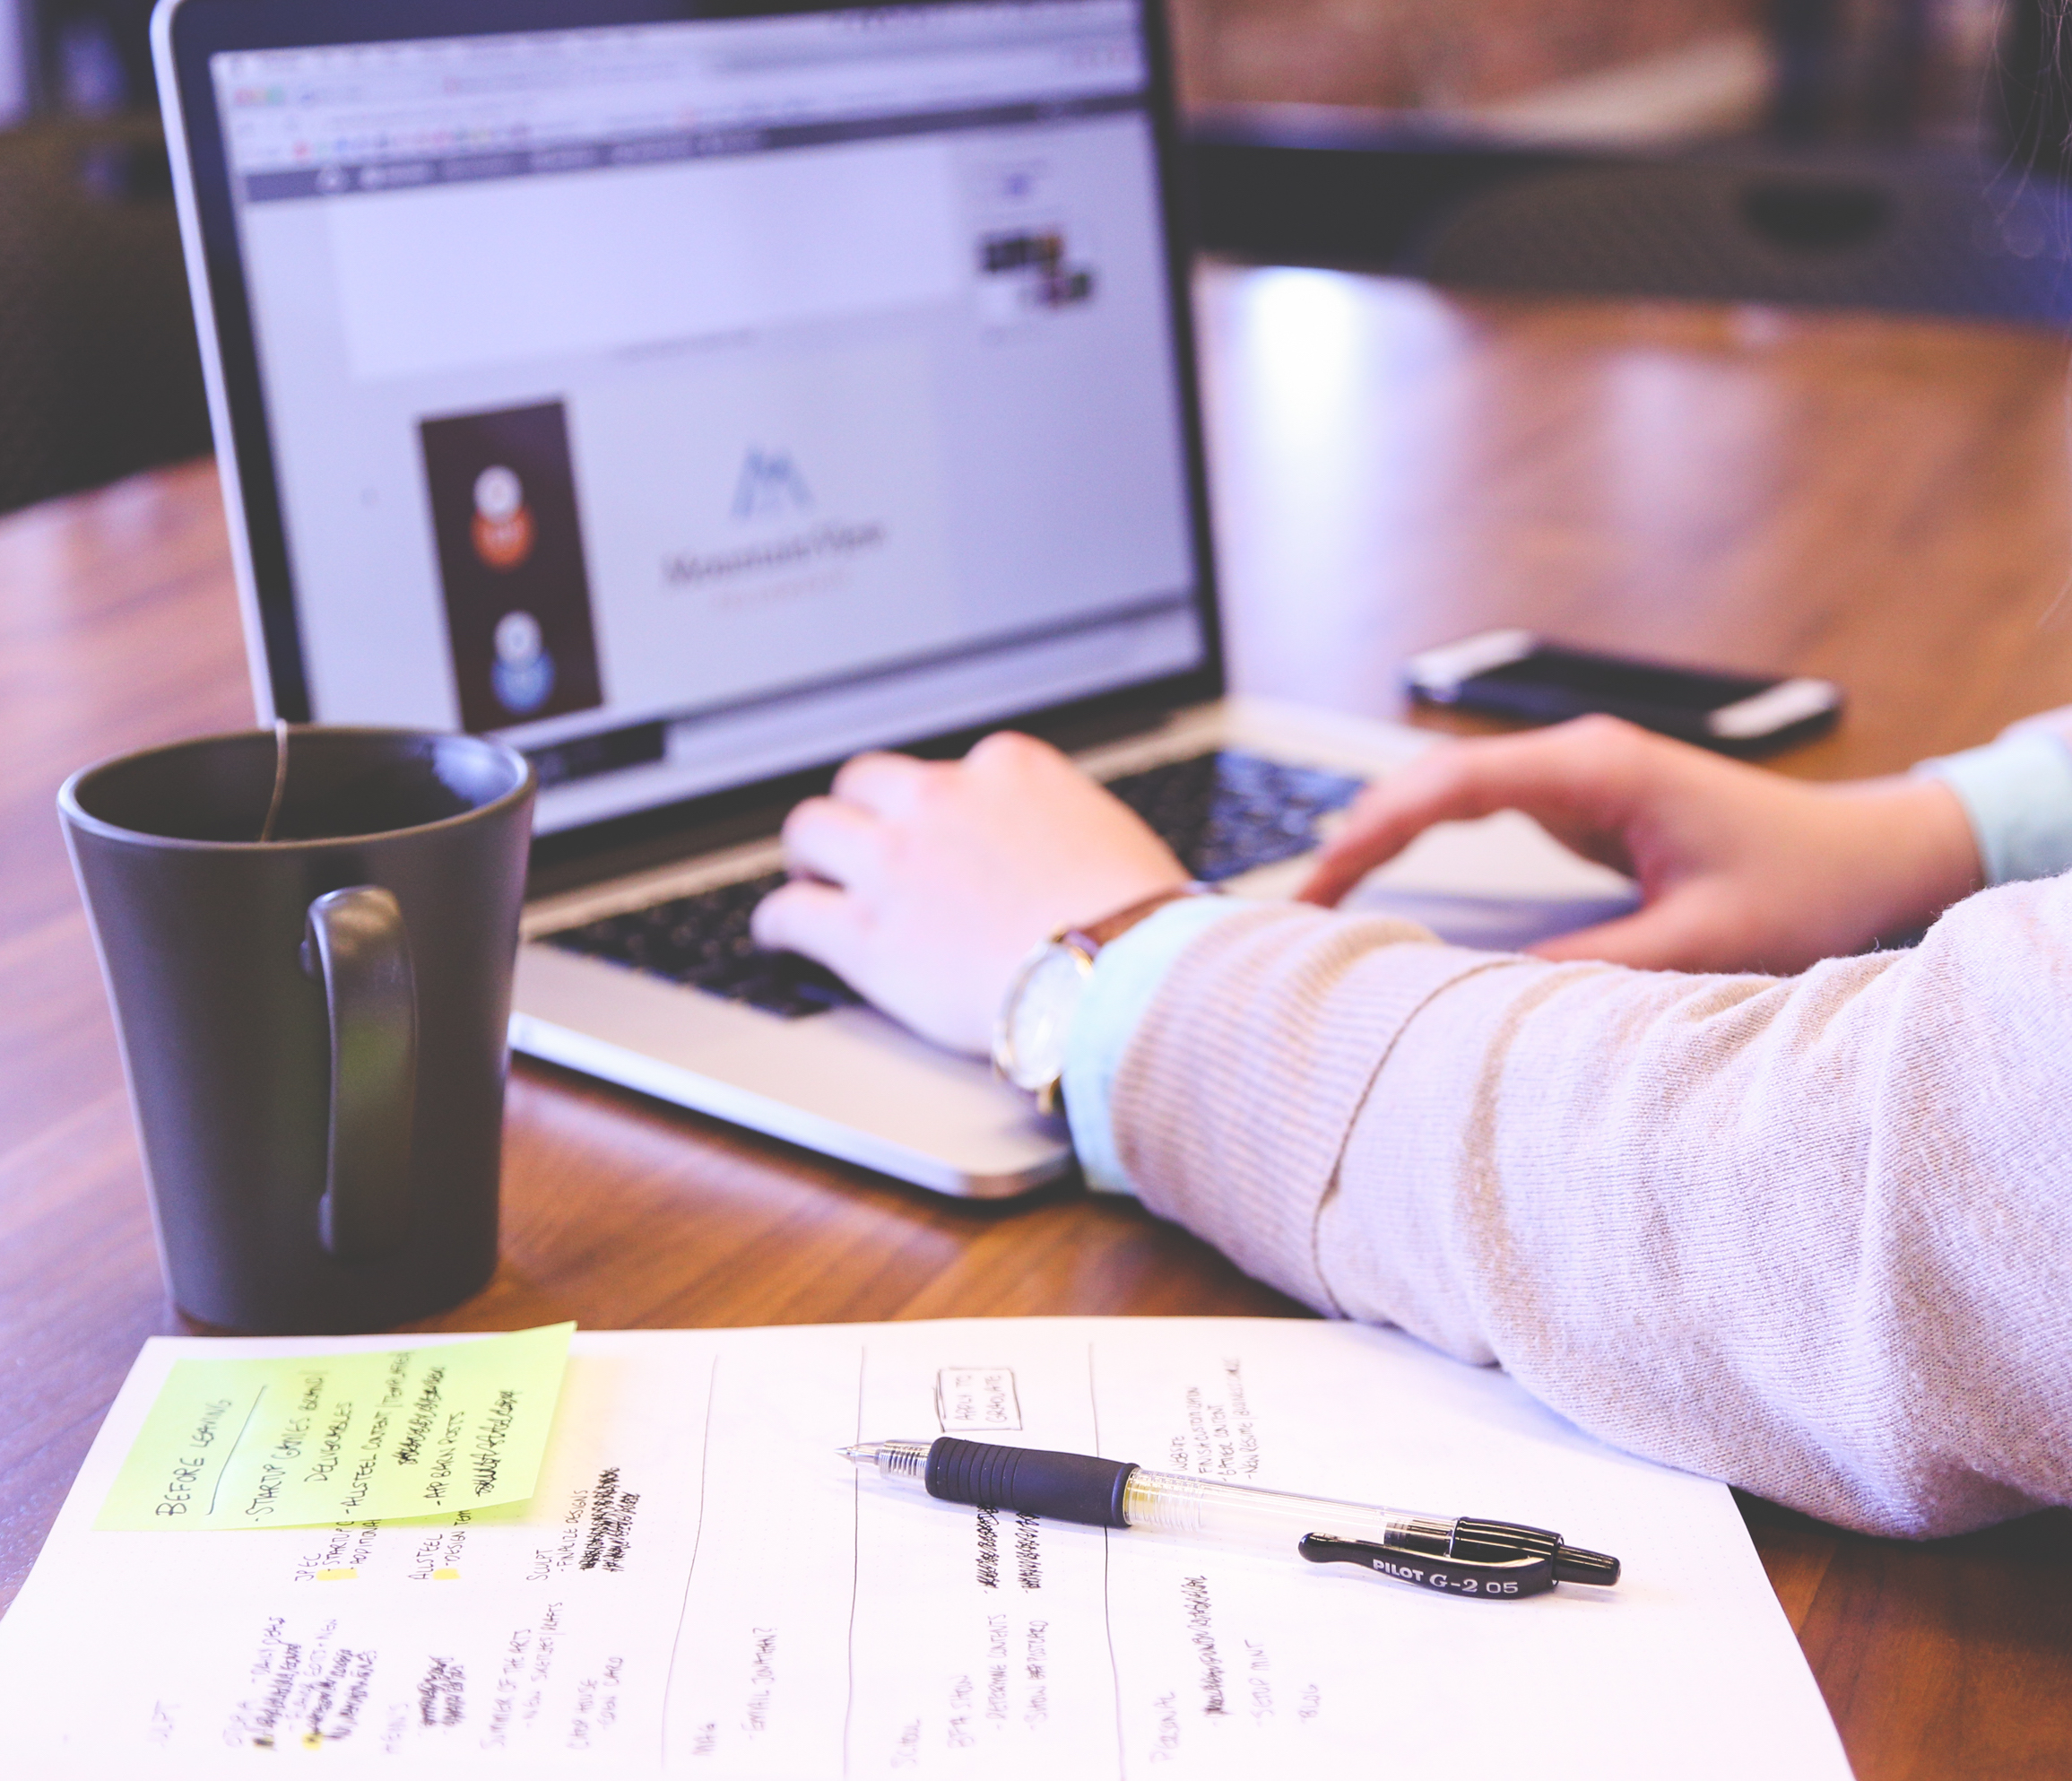 Premières semaines en entreprise : 5 conseils pour trouver vos marques